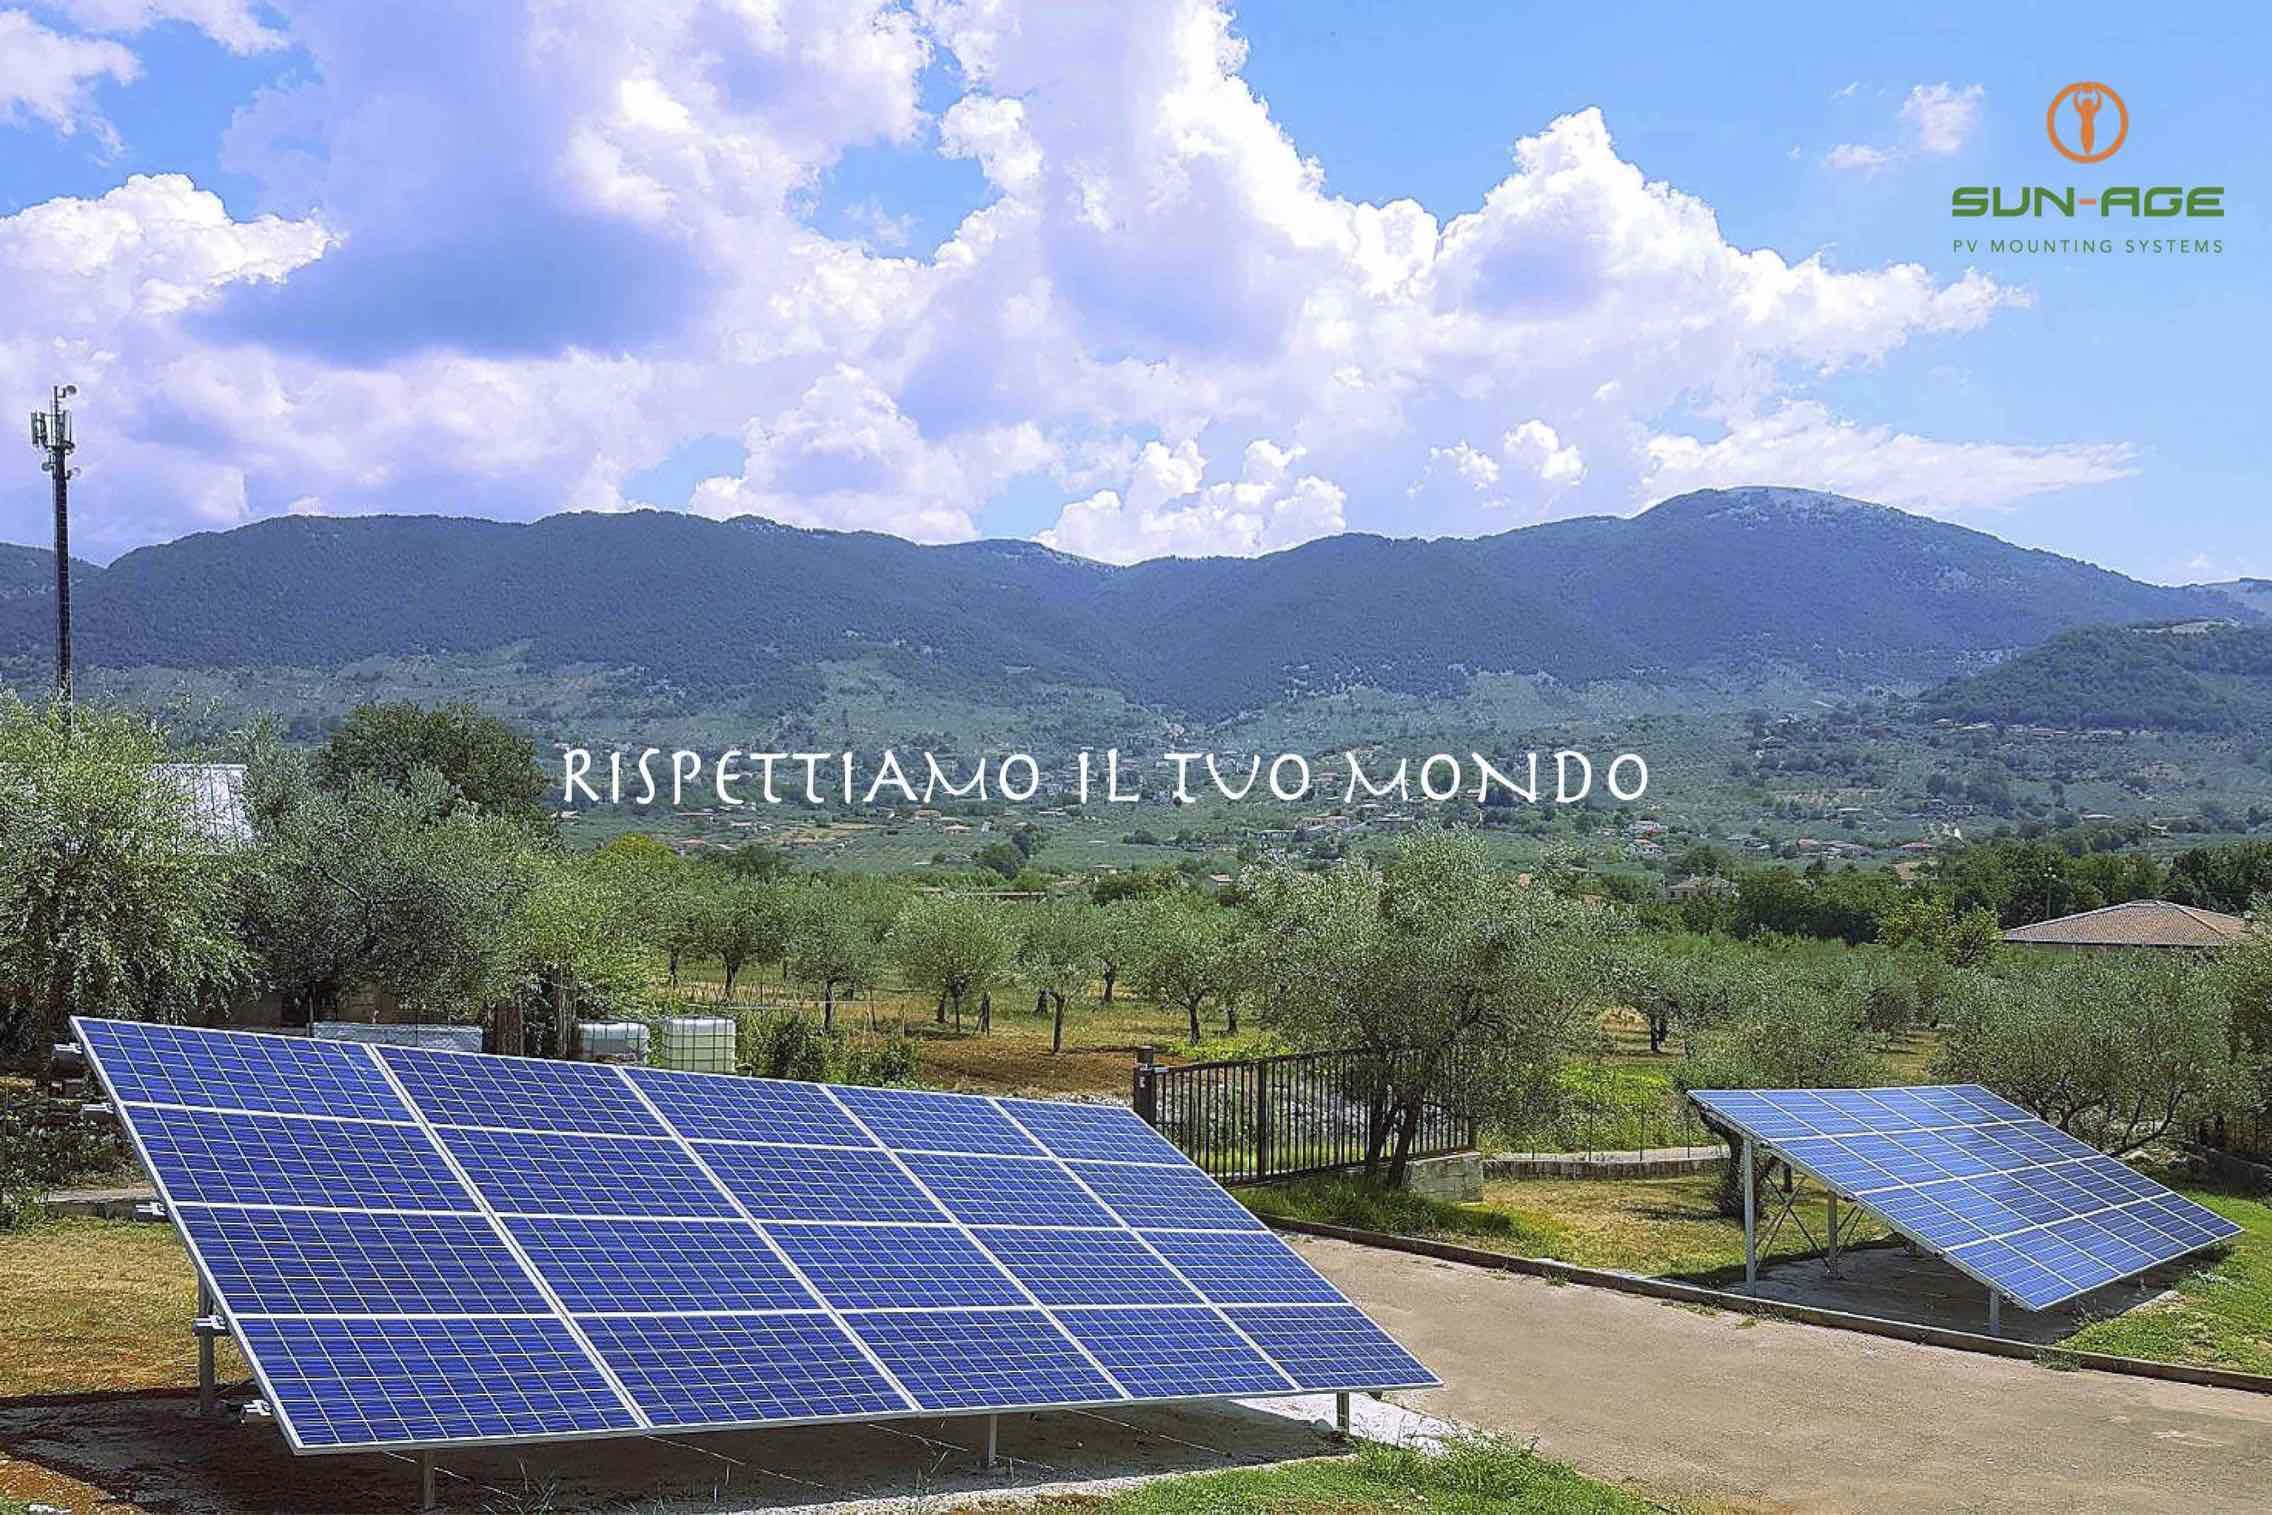 Staffe fotovoltaico